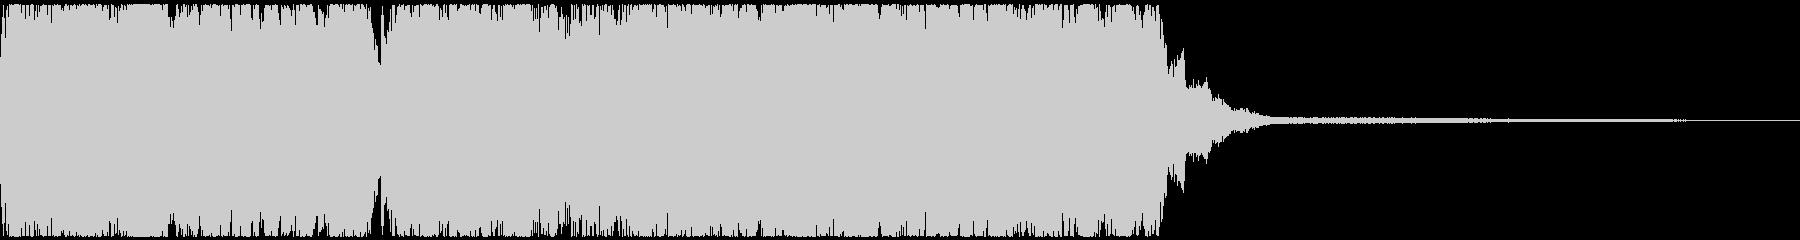 迫力あるオーケストラジングルの未再生の波形